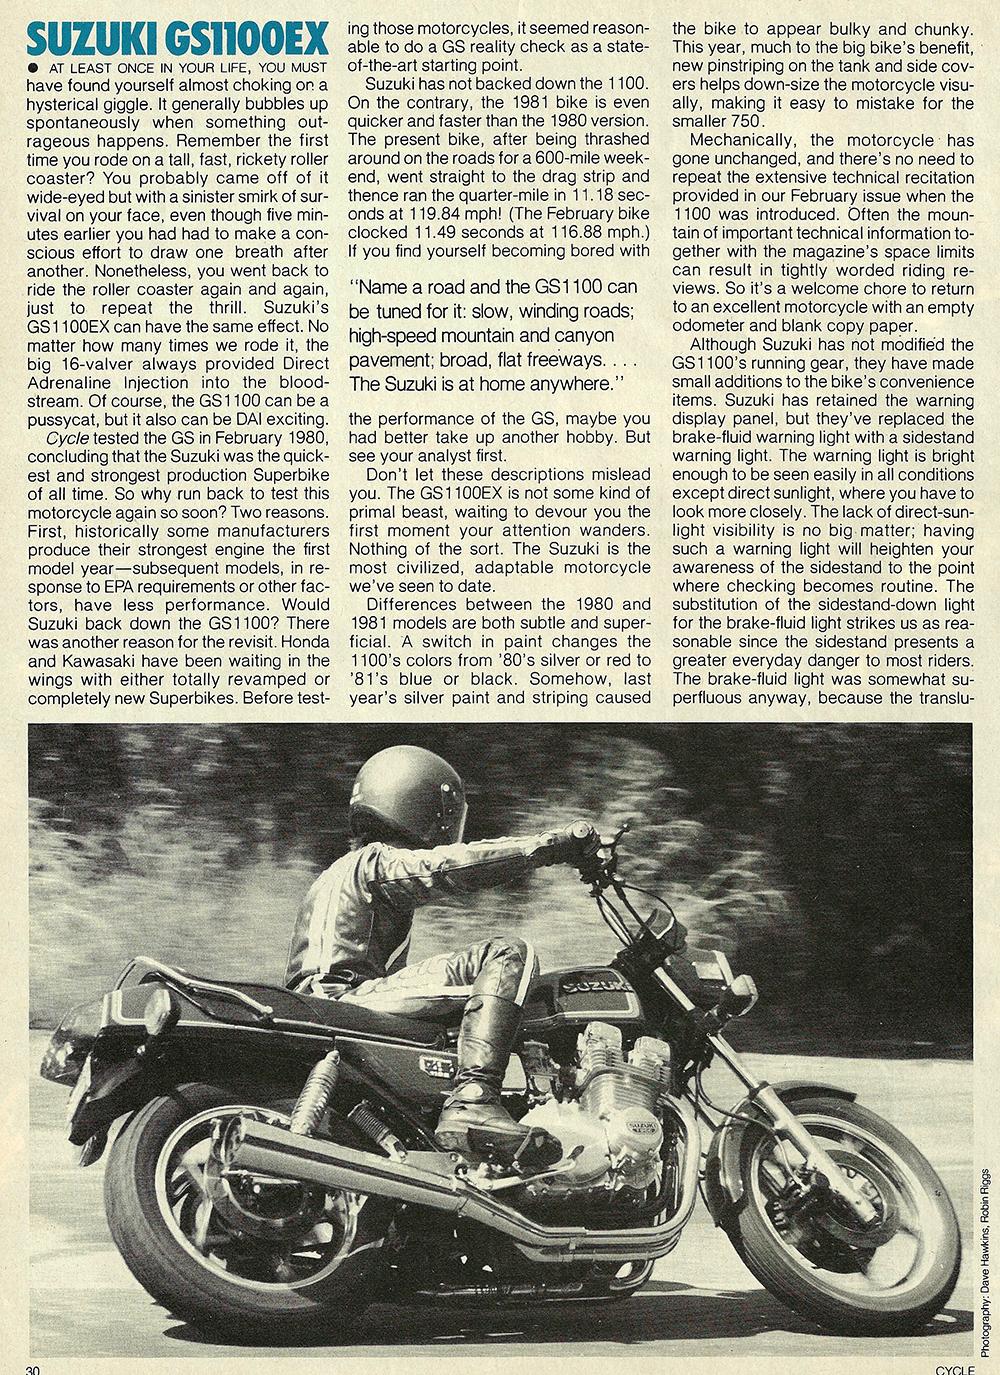 1980 Suzuki GS1100EX road test 03.jpg